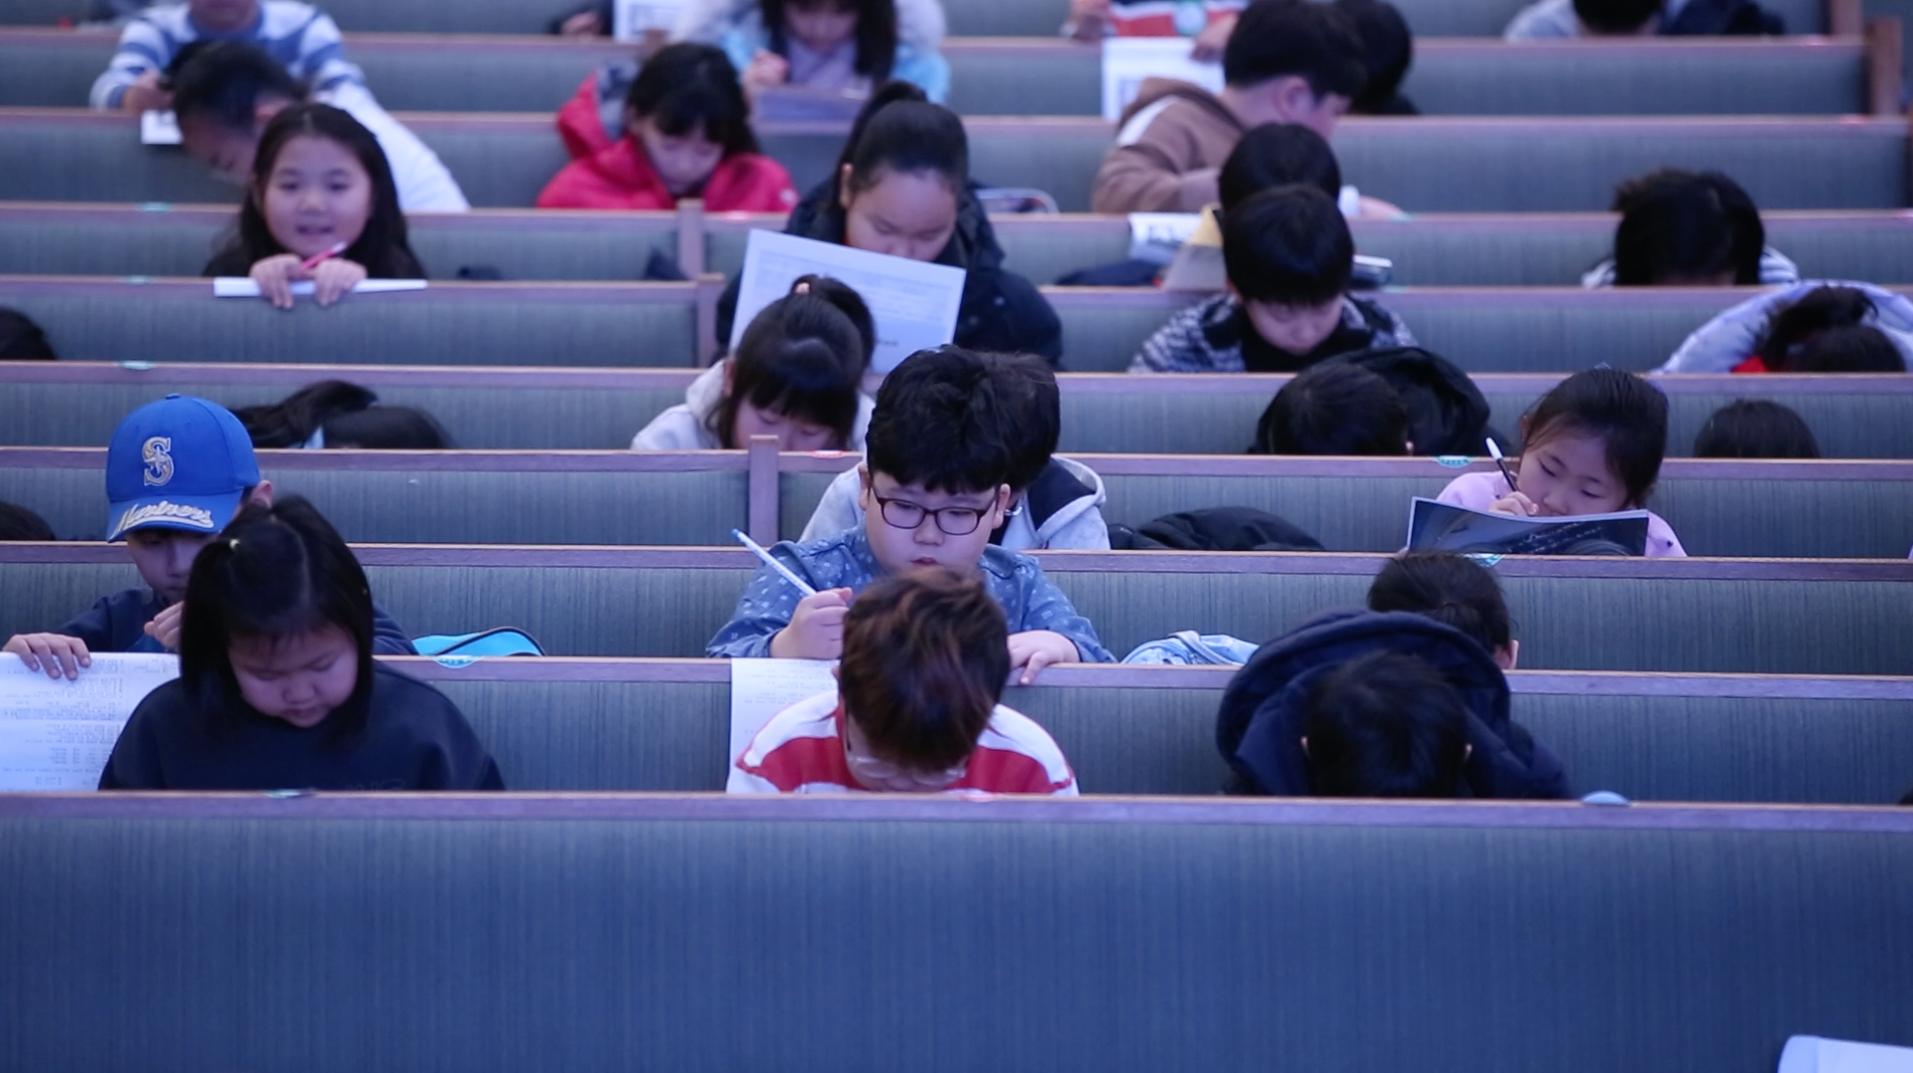 전국주일학교 65회 성경고사 ∙ 찬양대회, 사랑의교회에서 열려